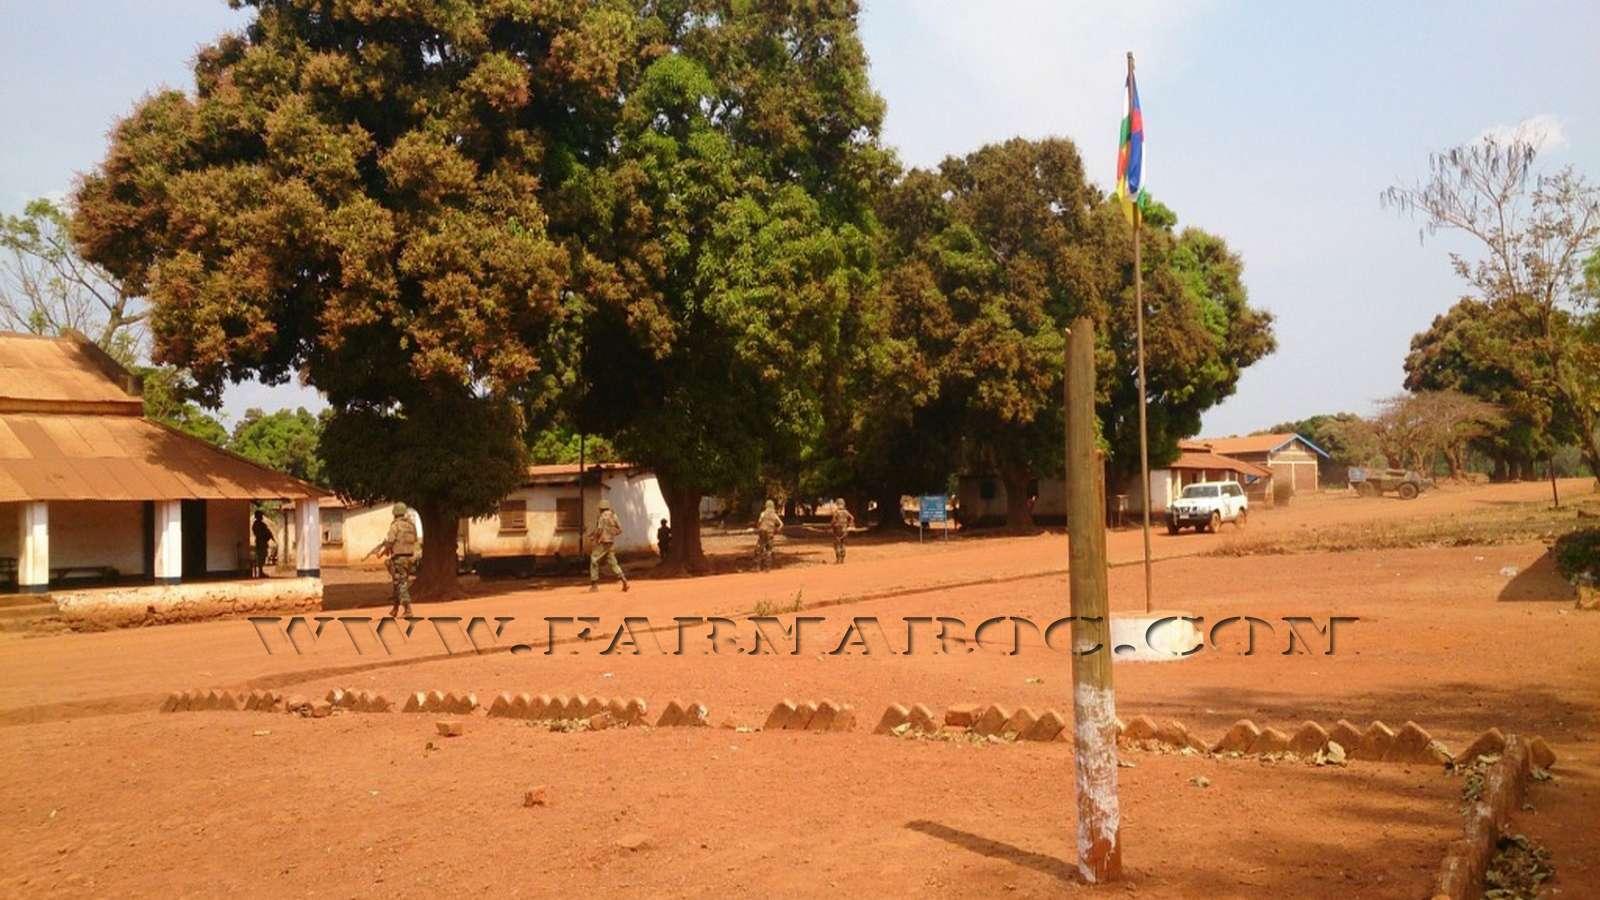 Maintien de la paix dans le monde - Les FAR en République Centrafricaine - RCA (MINUSCA) 12_00010